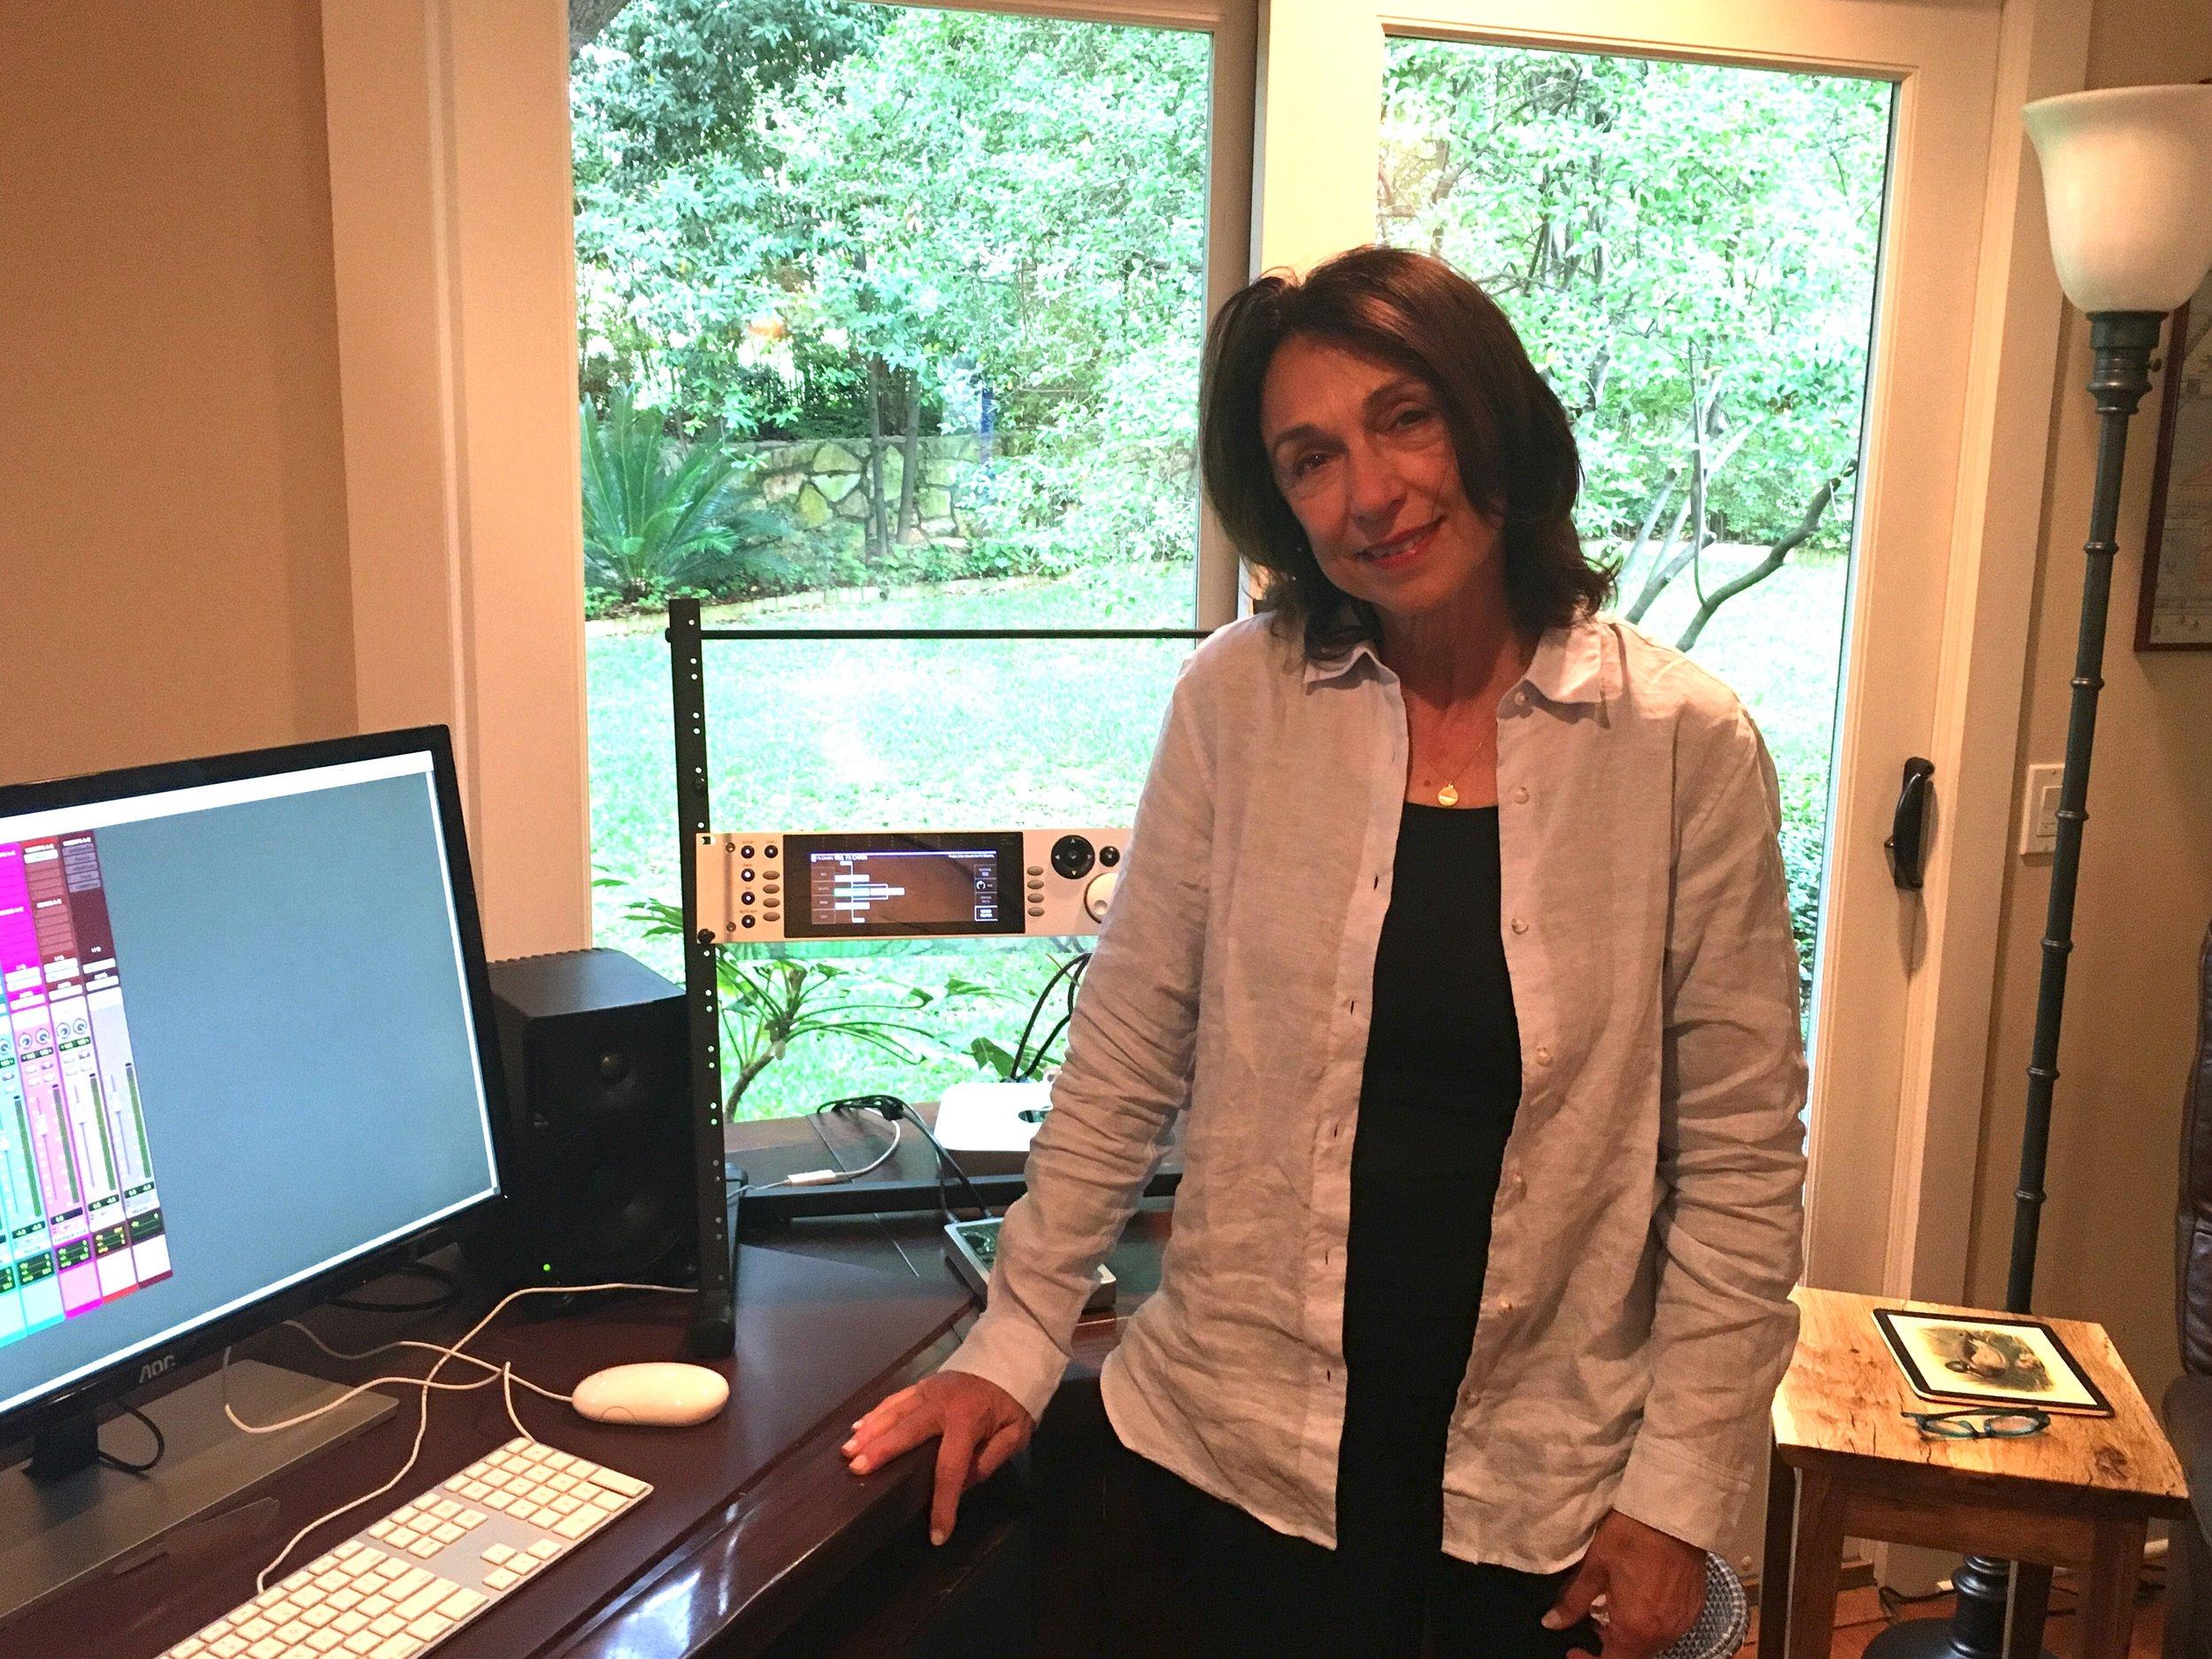 Suzanne Ciani checks out the Eventide H9000